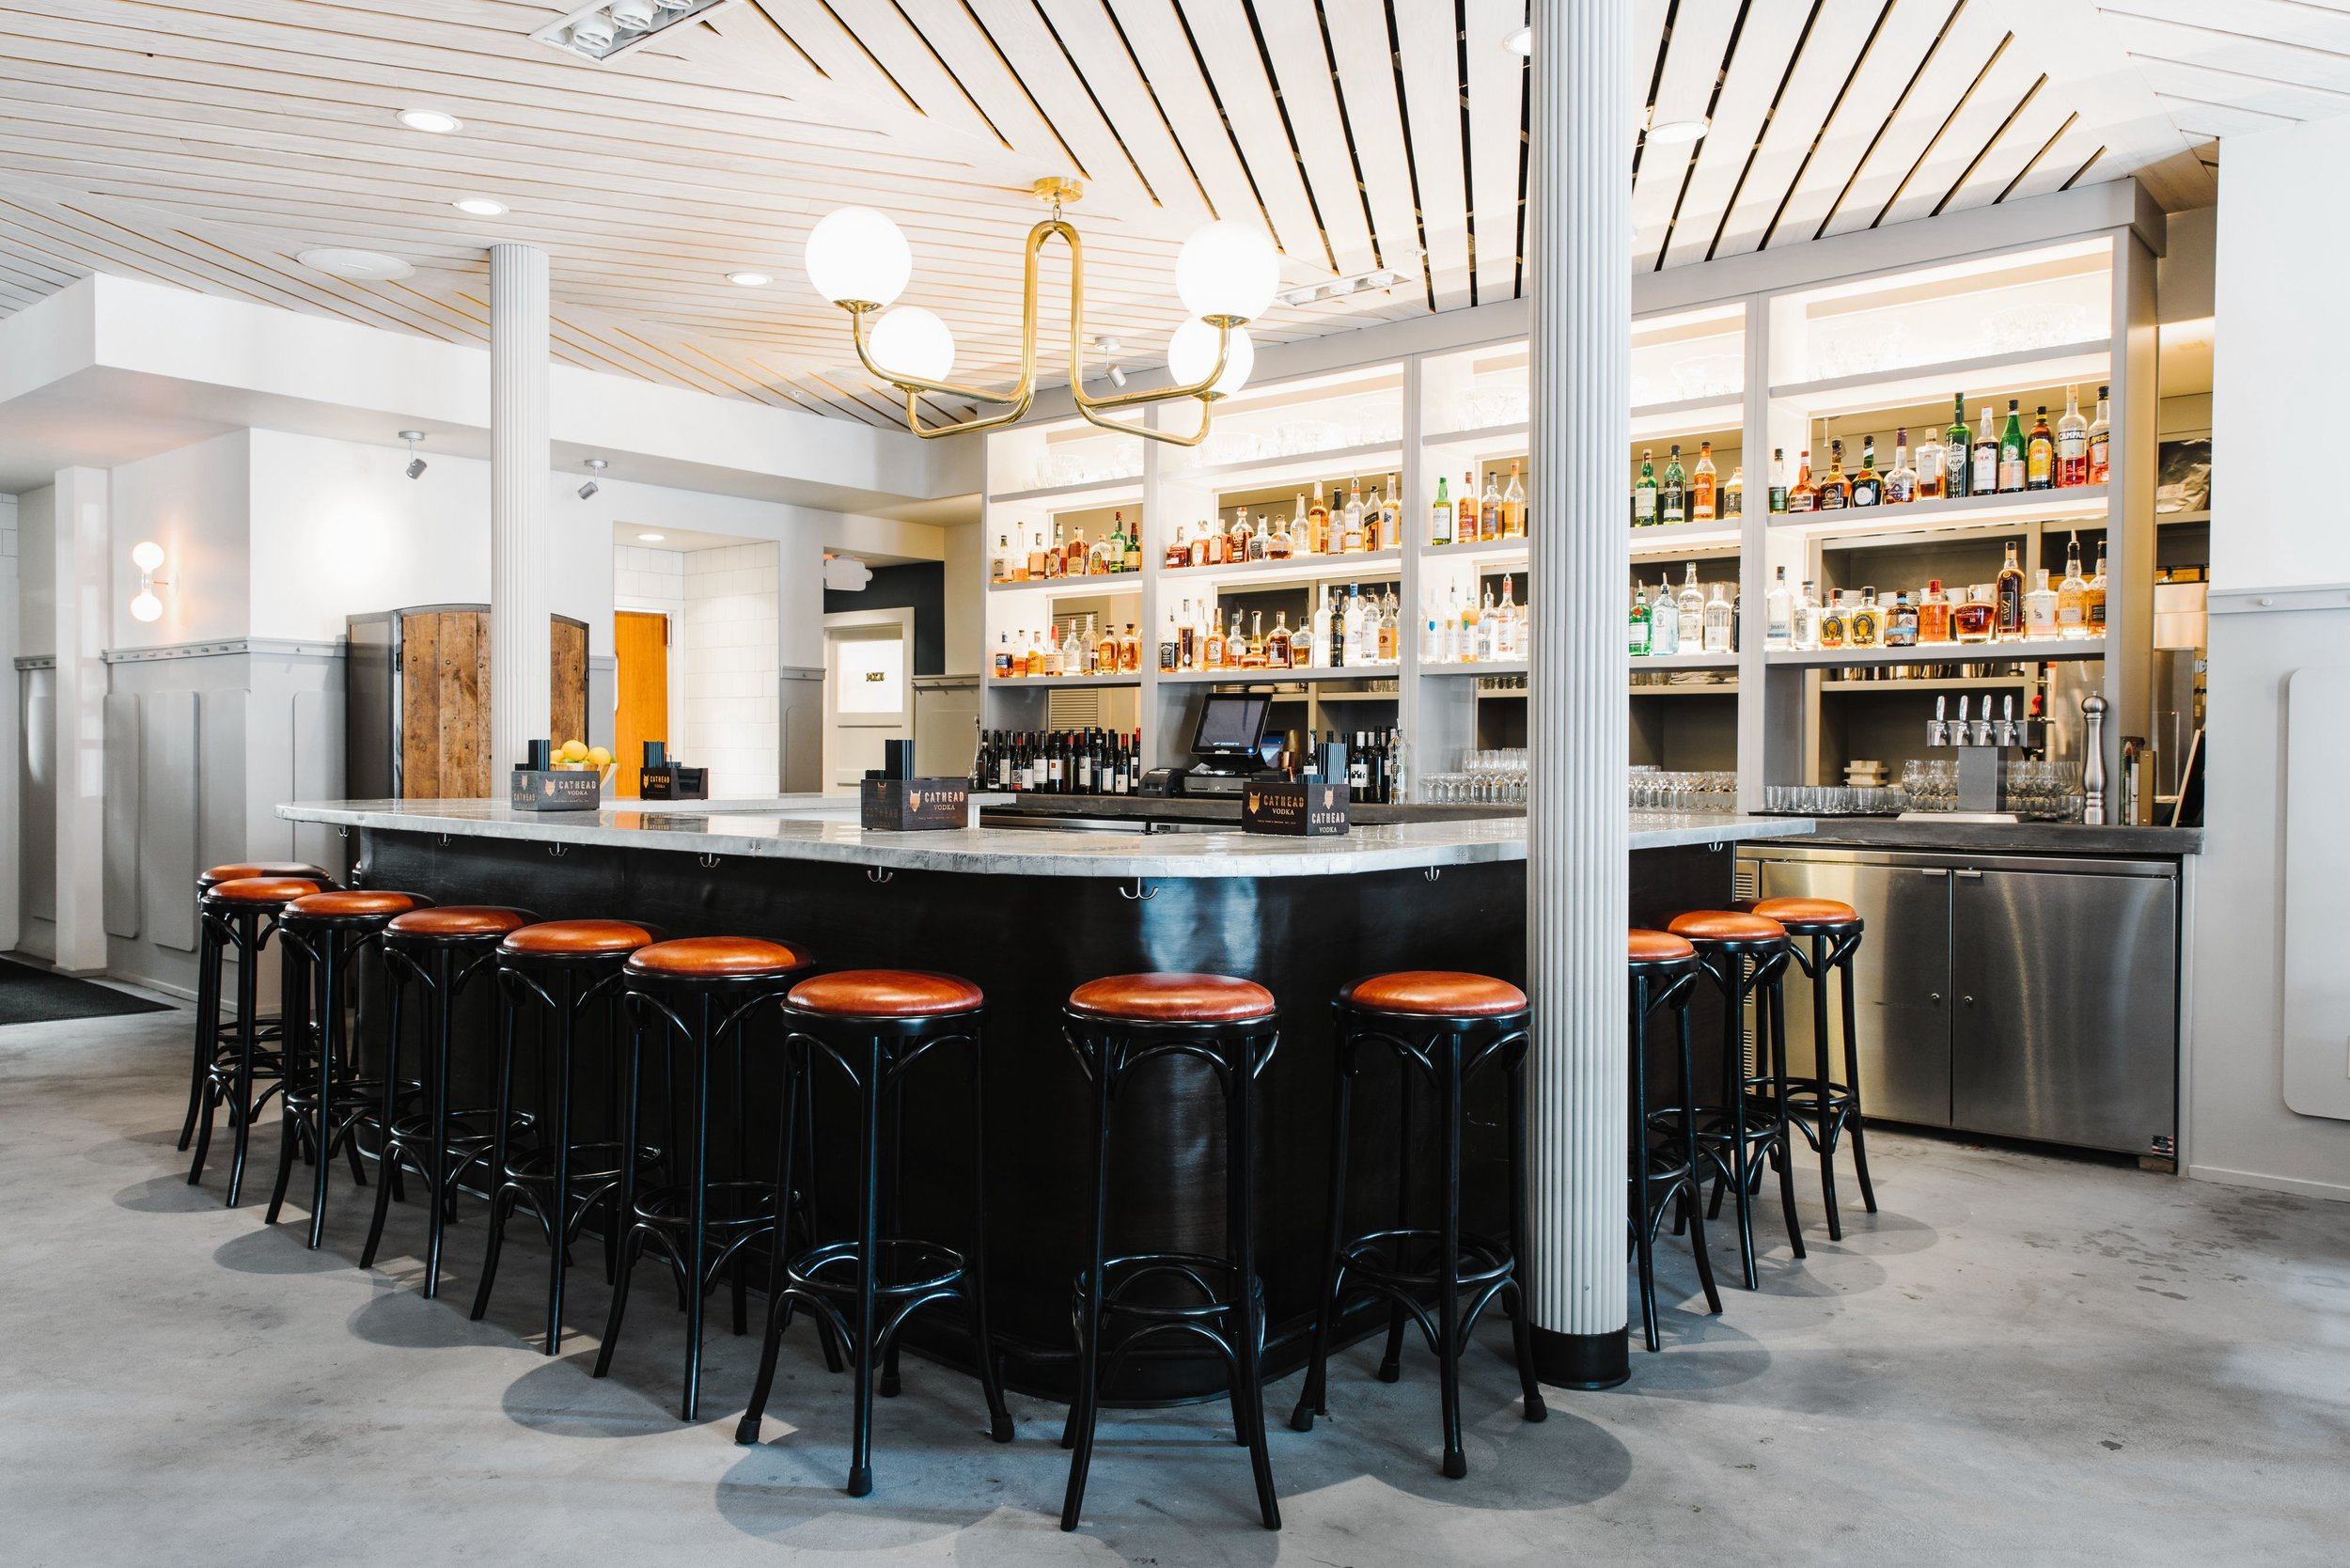 Southern National | Smith Hanes. Main Bar